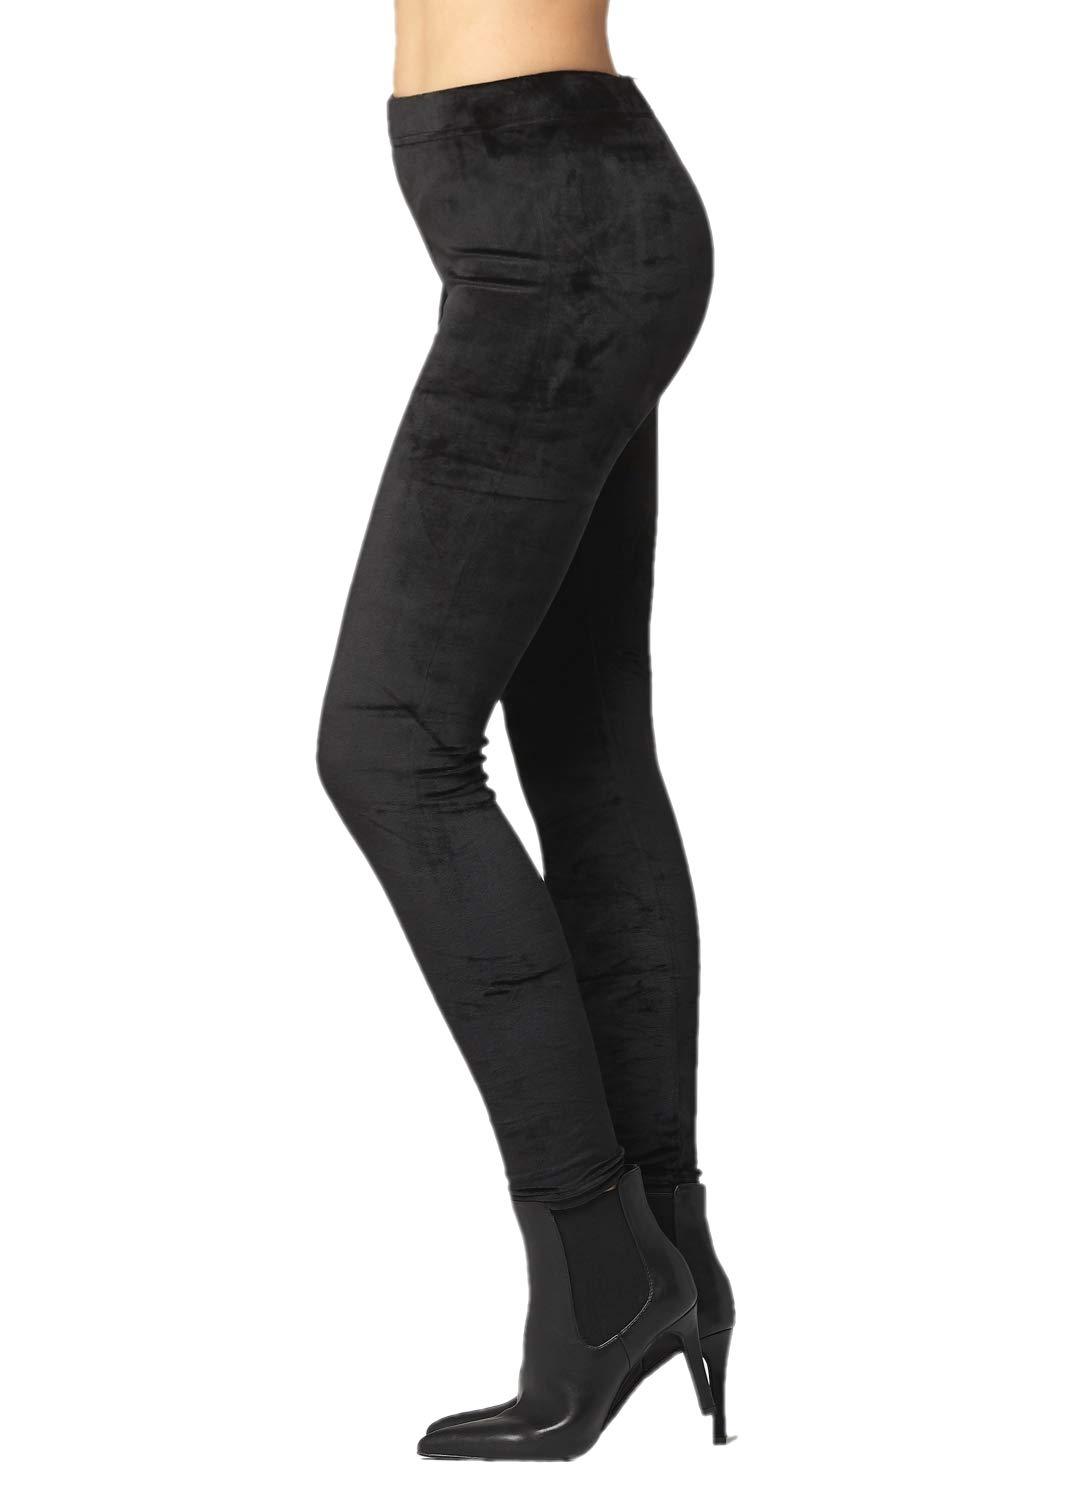 Premium Ultra Soft Velvet Leggings for Women - Regular and Plus Sizes - 20+ Colors